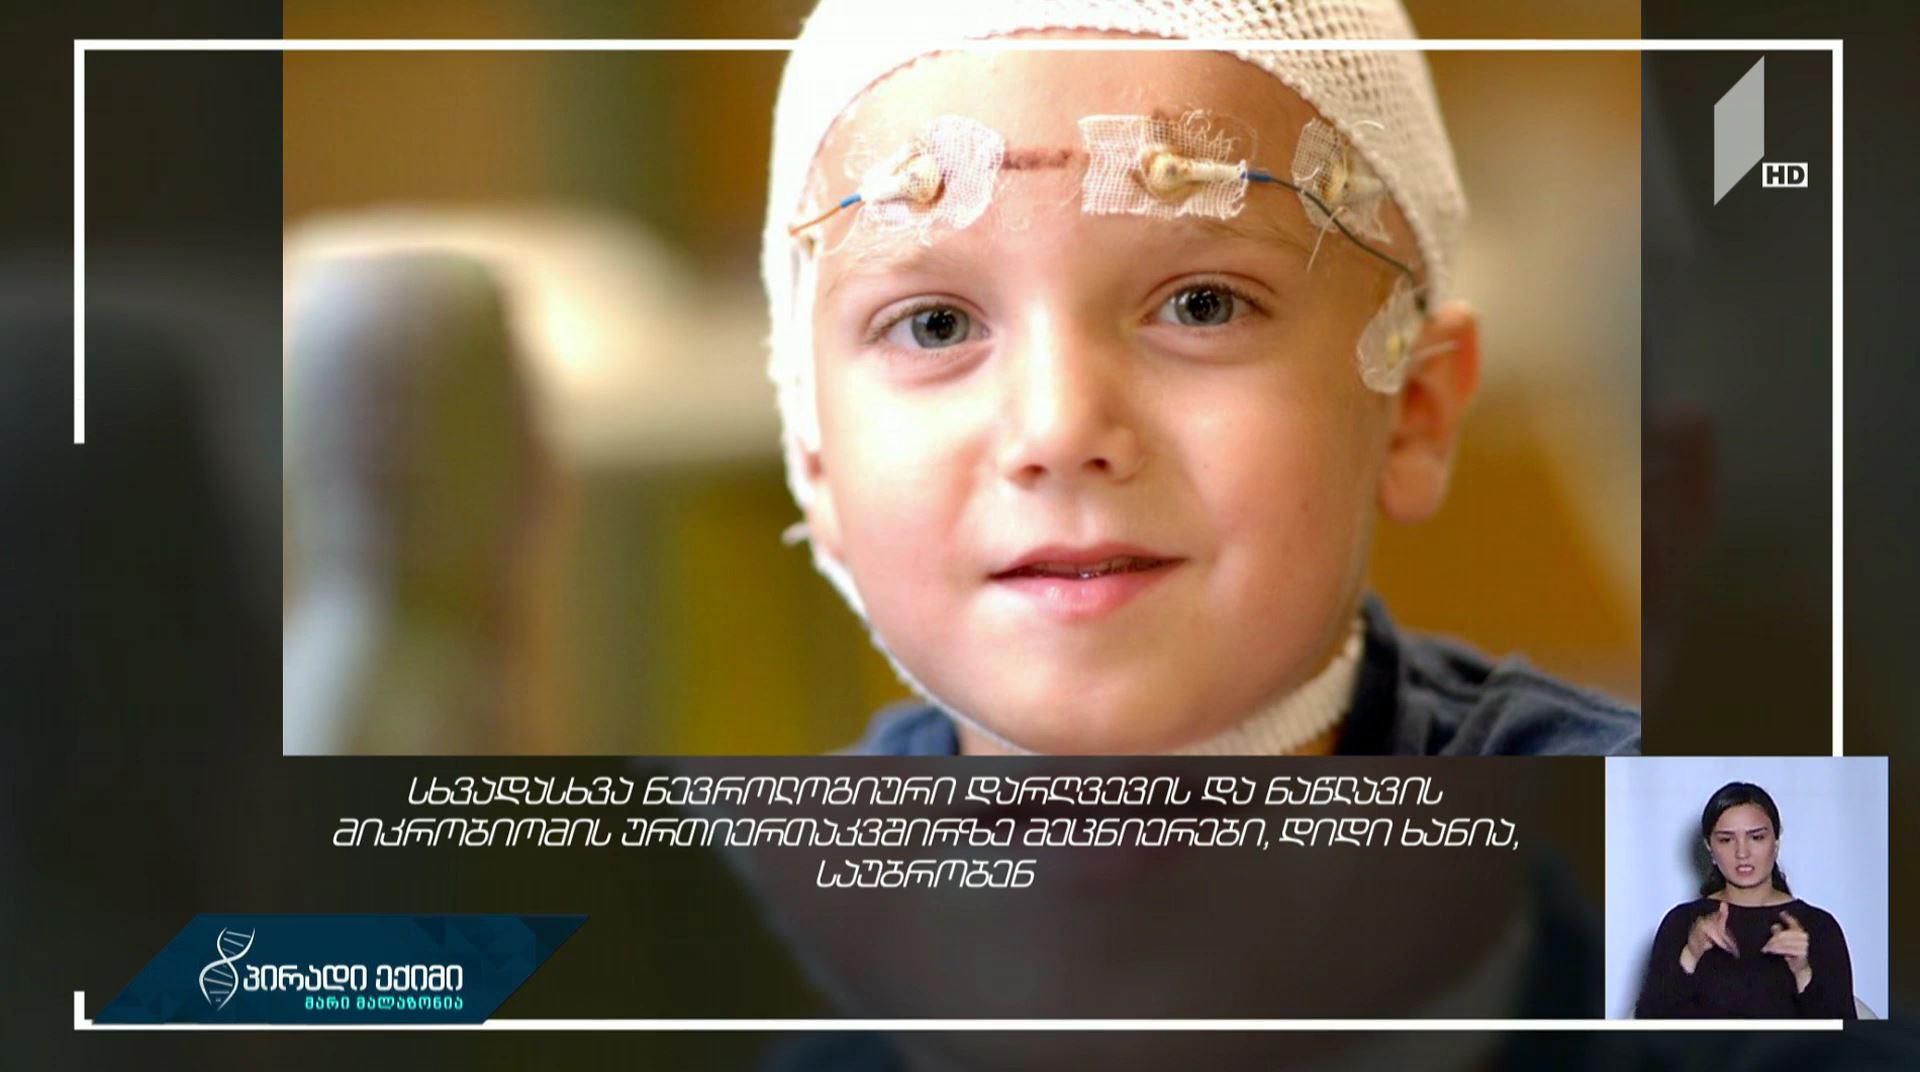 #პირადიექიმი რა კავშირი აქვს კეტოგენურ დიეტას ბავშვთა ეპილეფსიასთან?!